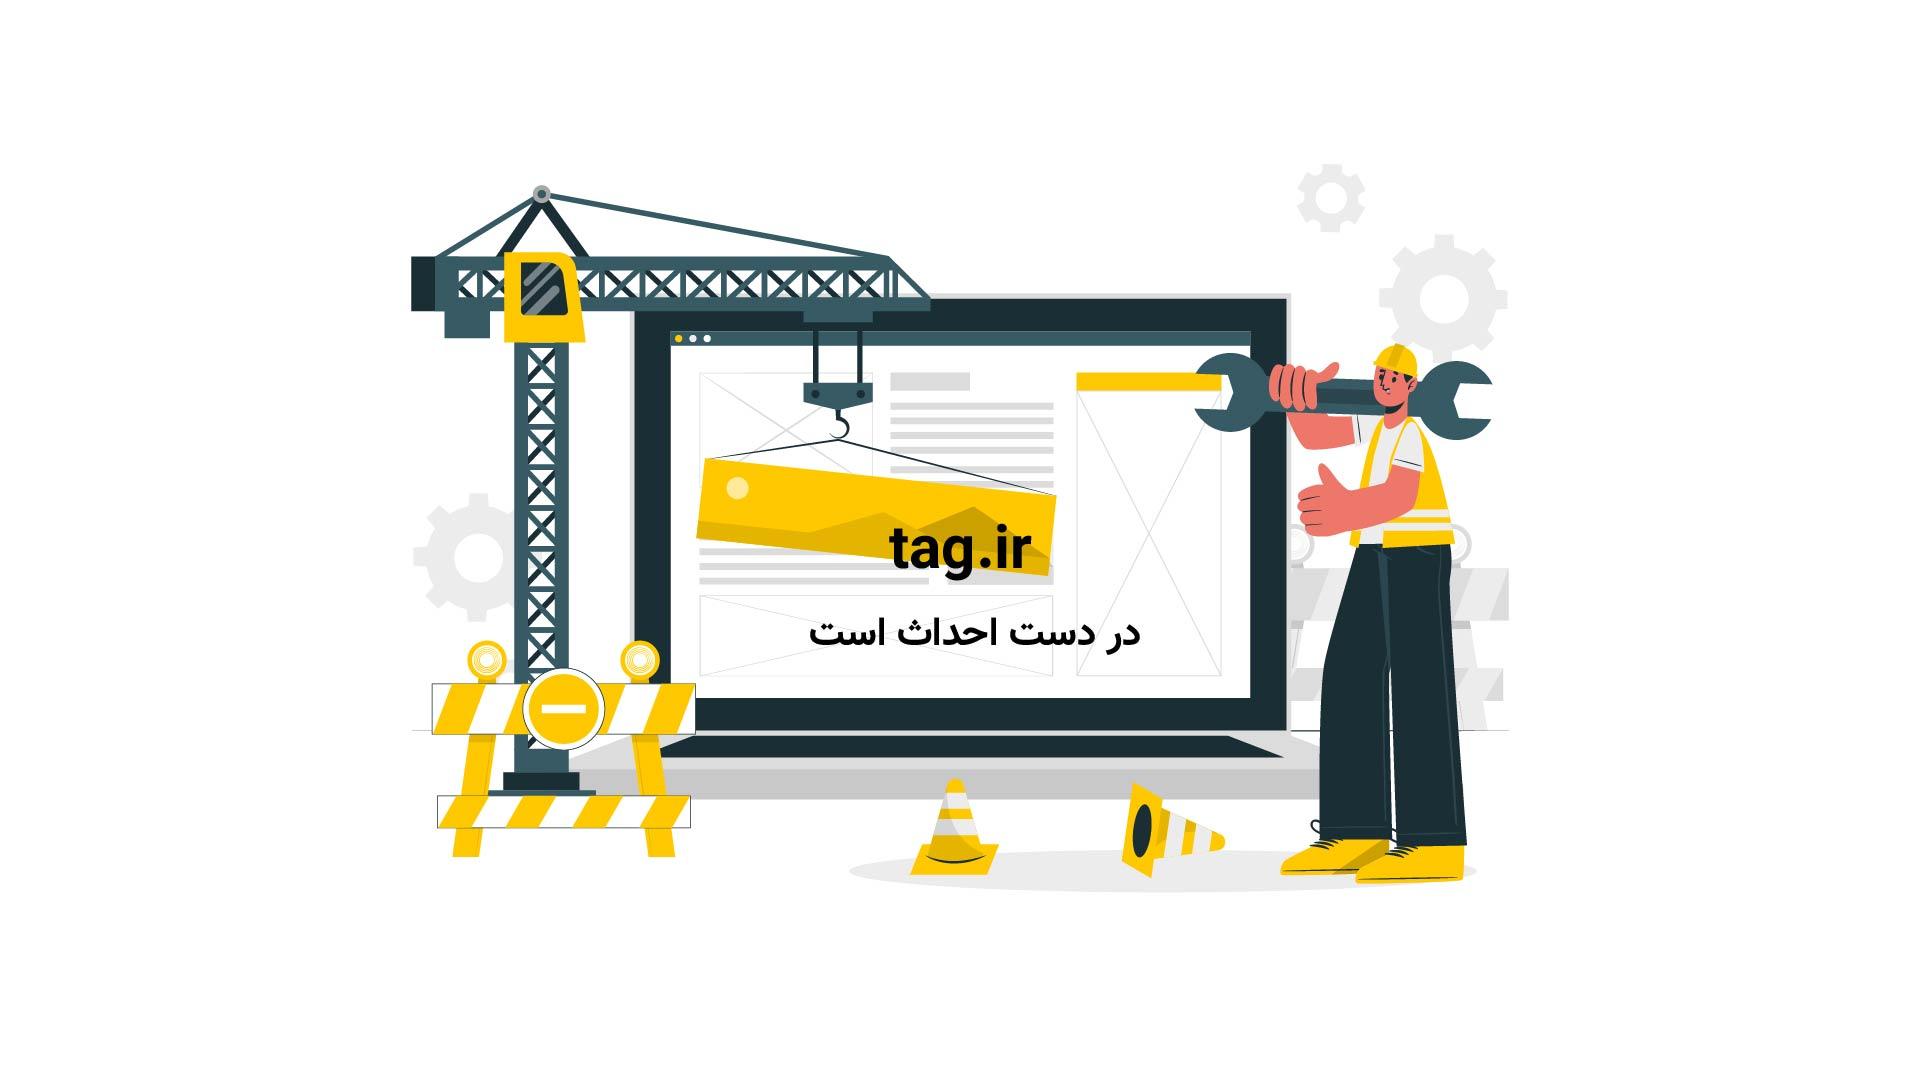 طرح اروپایی برای نظارت دریایی و نجات جان پناهجویان | فیلم